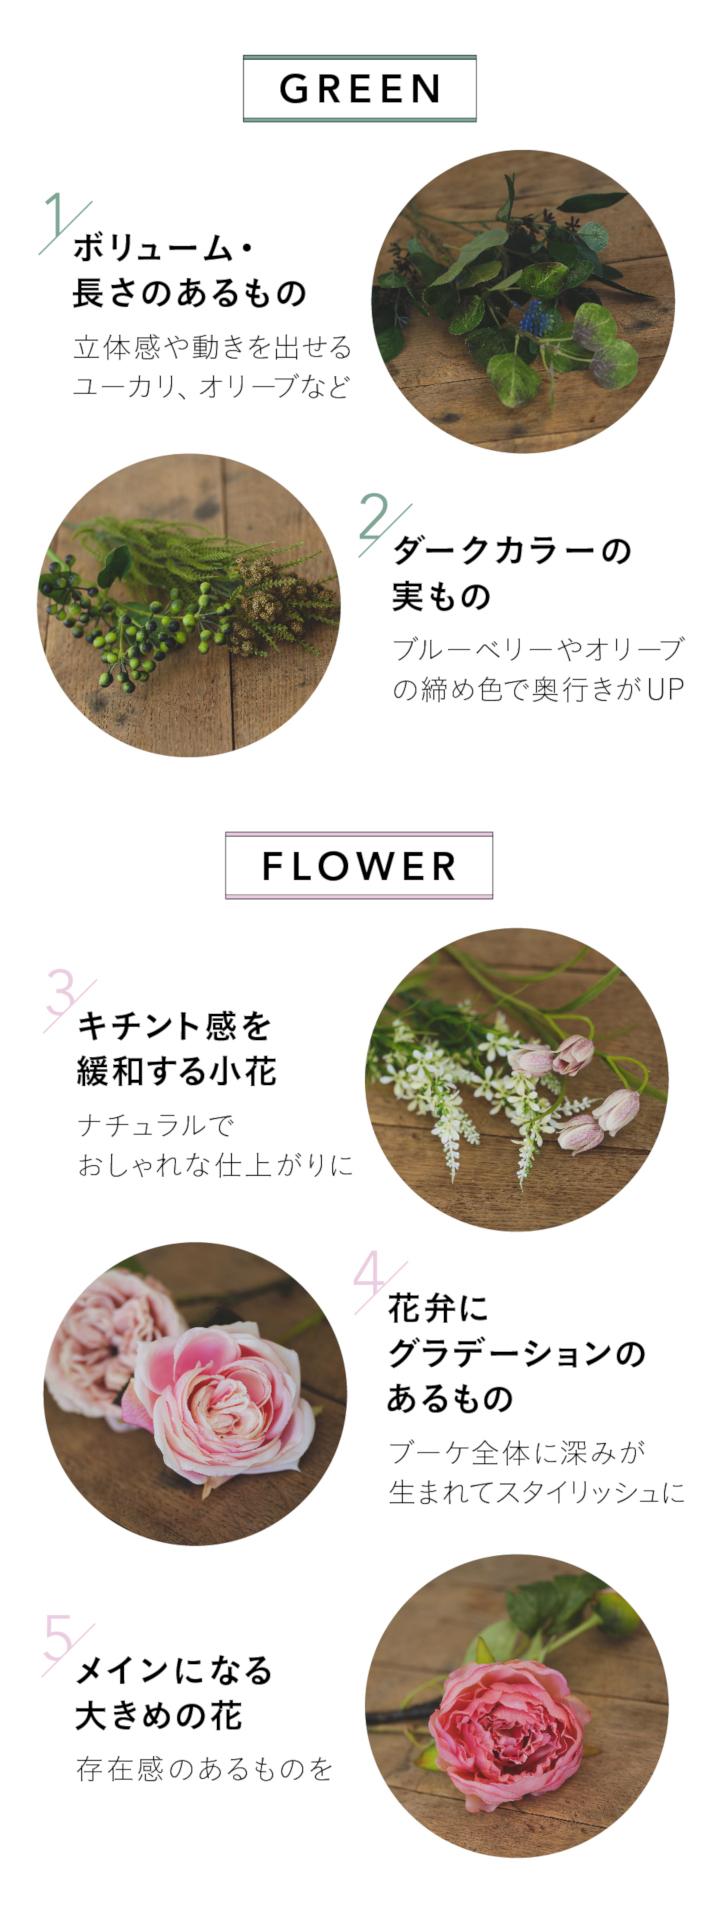 【STEP1】お洒落見えする花材を知ろう